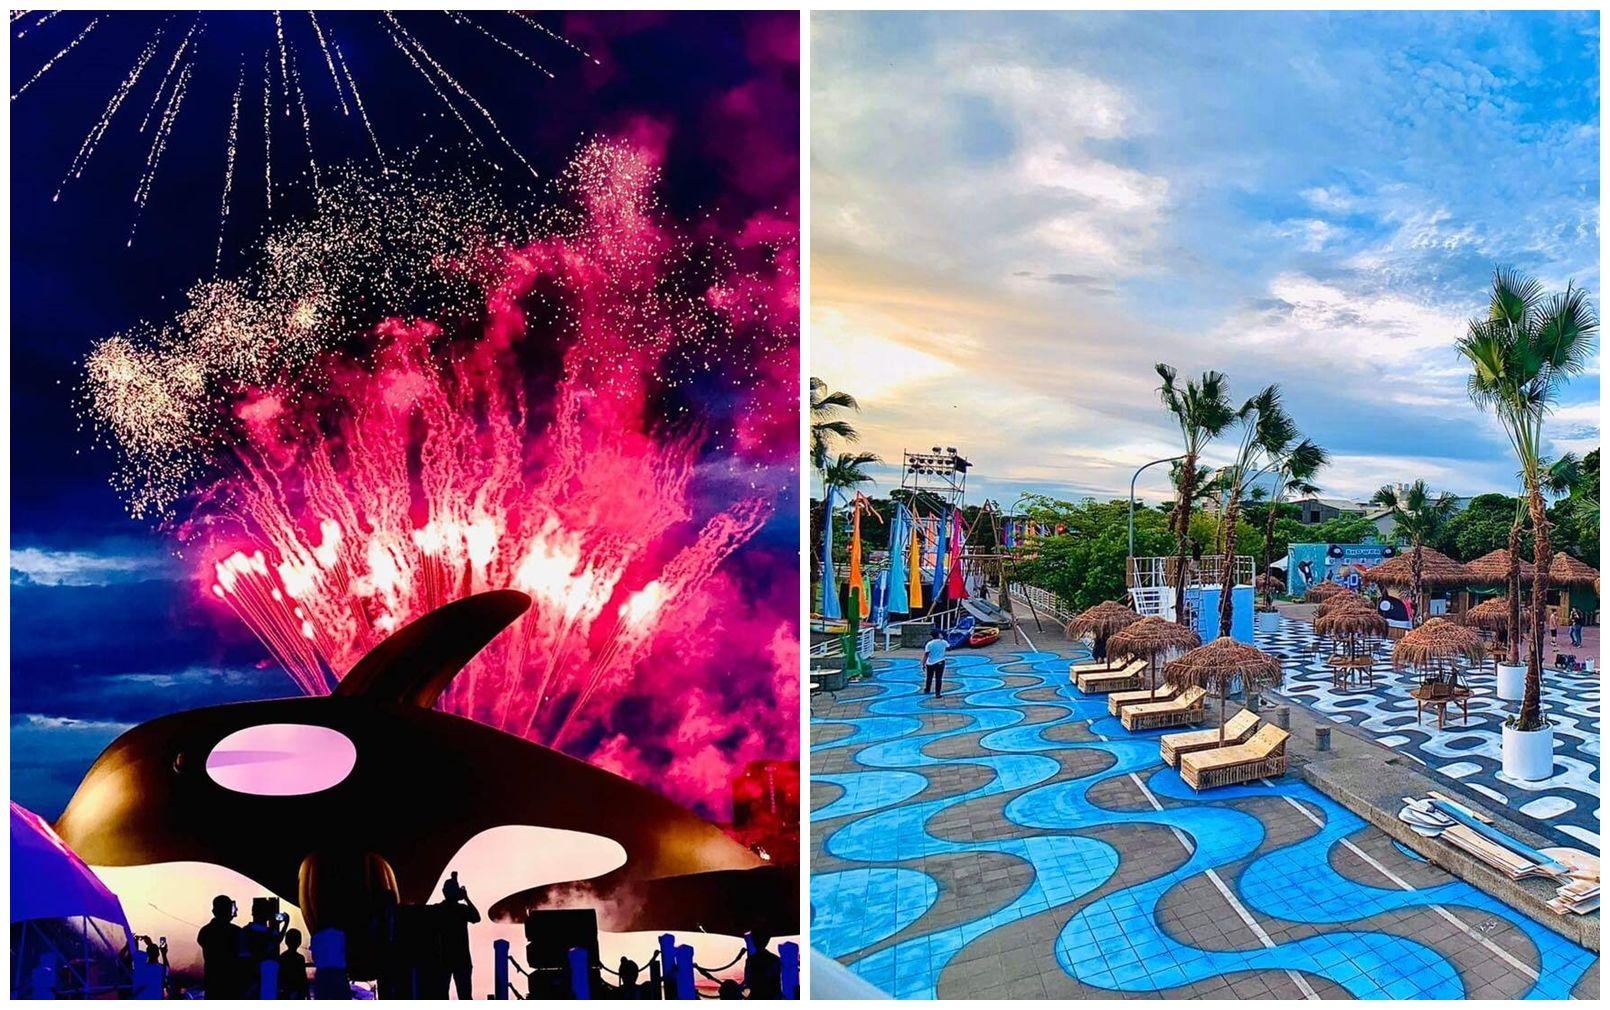 全球唯一超大型安平虎鯨揭幕夏日嘉年華,南洋風園區、煙火秀、水上氣墊樂園、董事長樂團開唱 這個暑假就是要去台南玩!